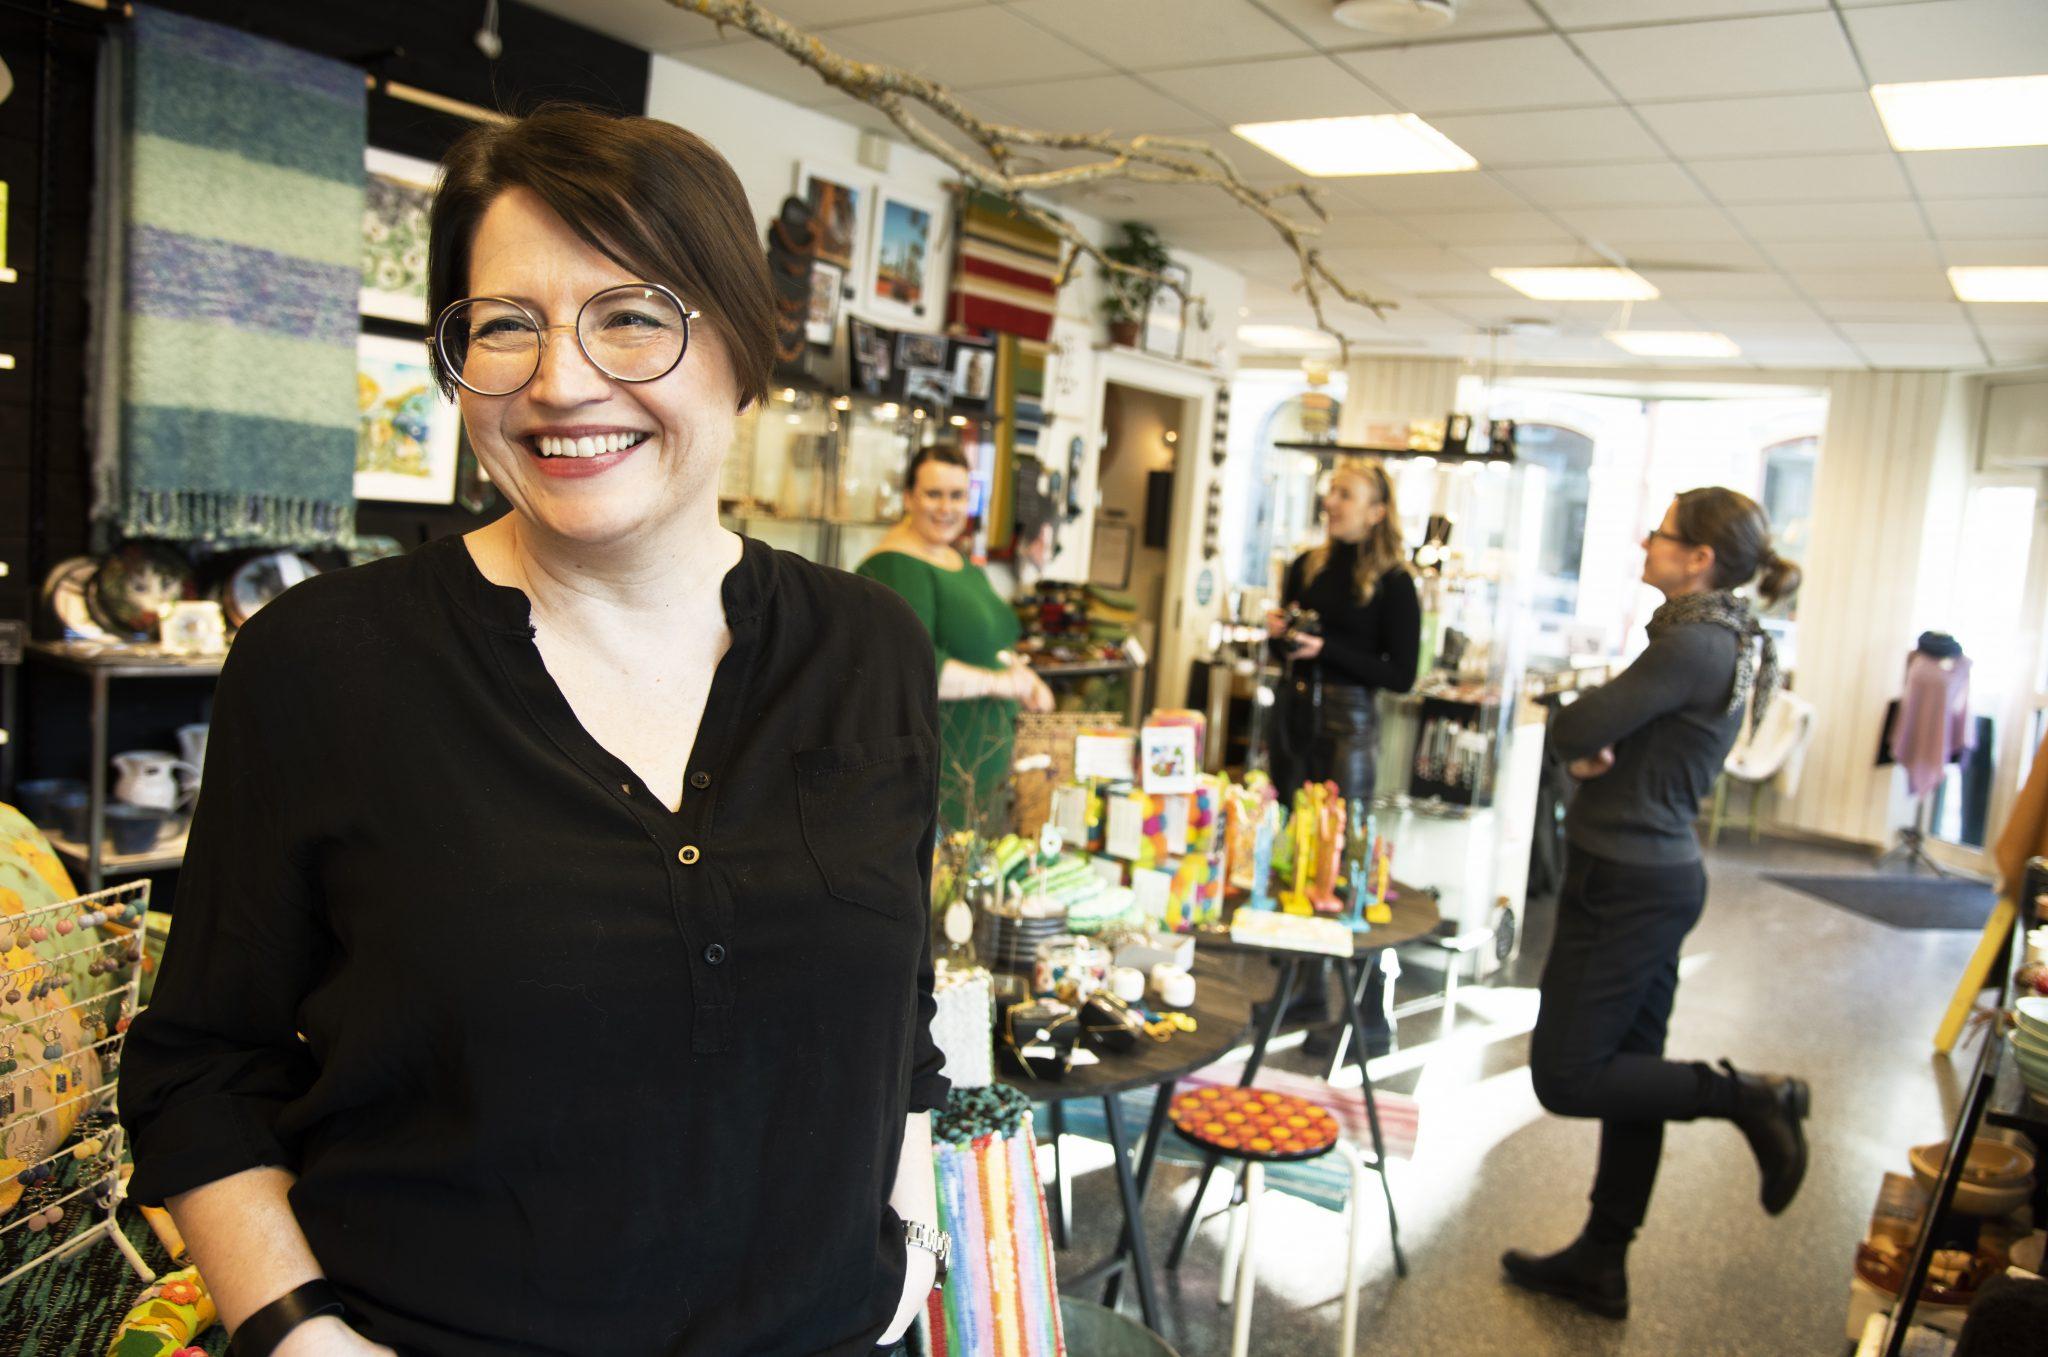 Tio kreativa företag startade butik tillsammans